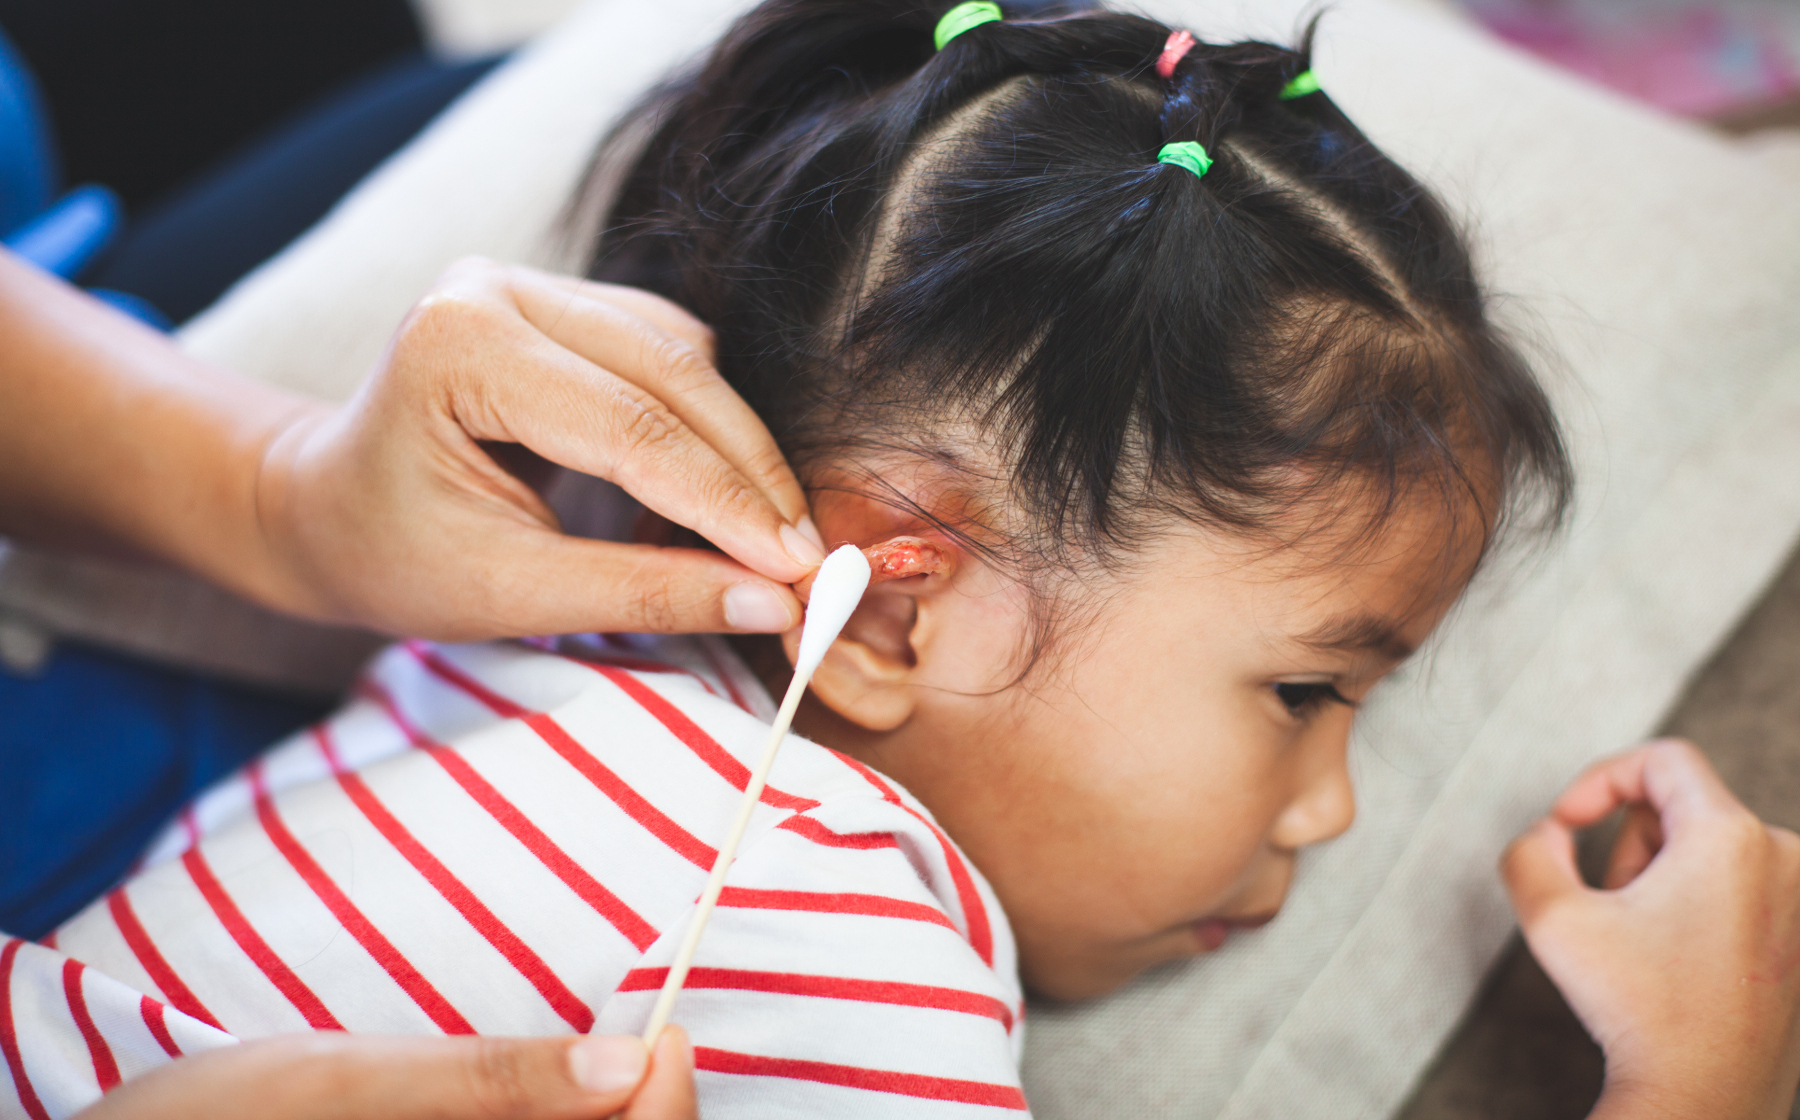 סגר שלישי: כיצד נשמור על הילדים ועל עצמנו בסביבה הביתית